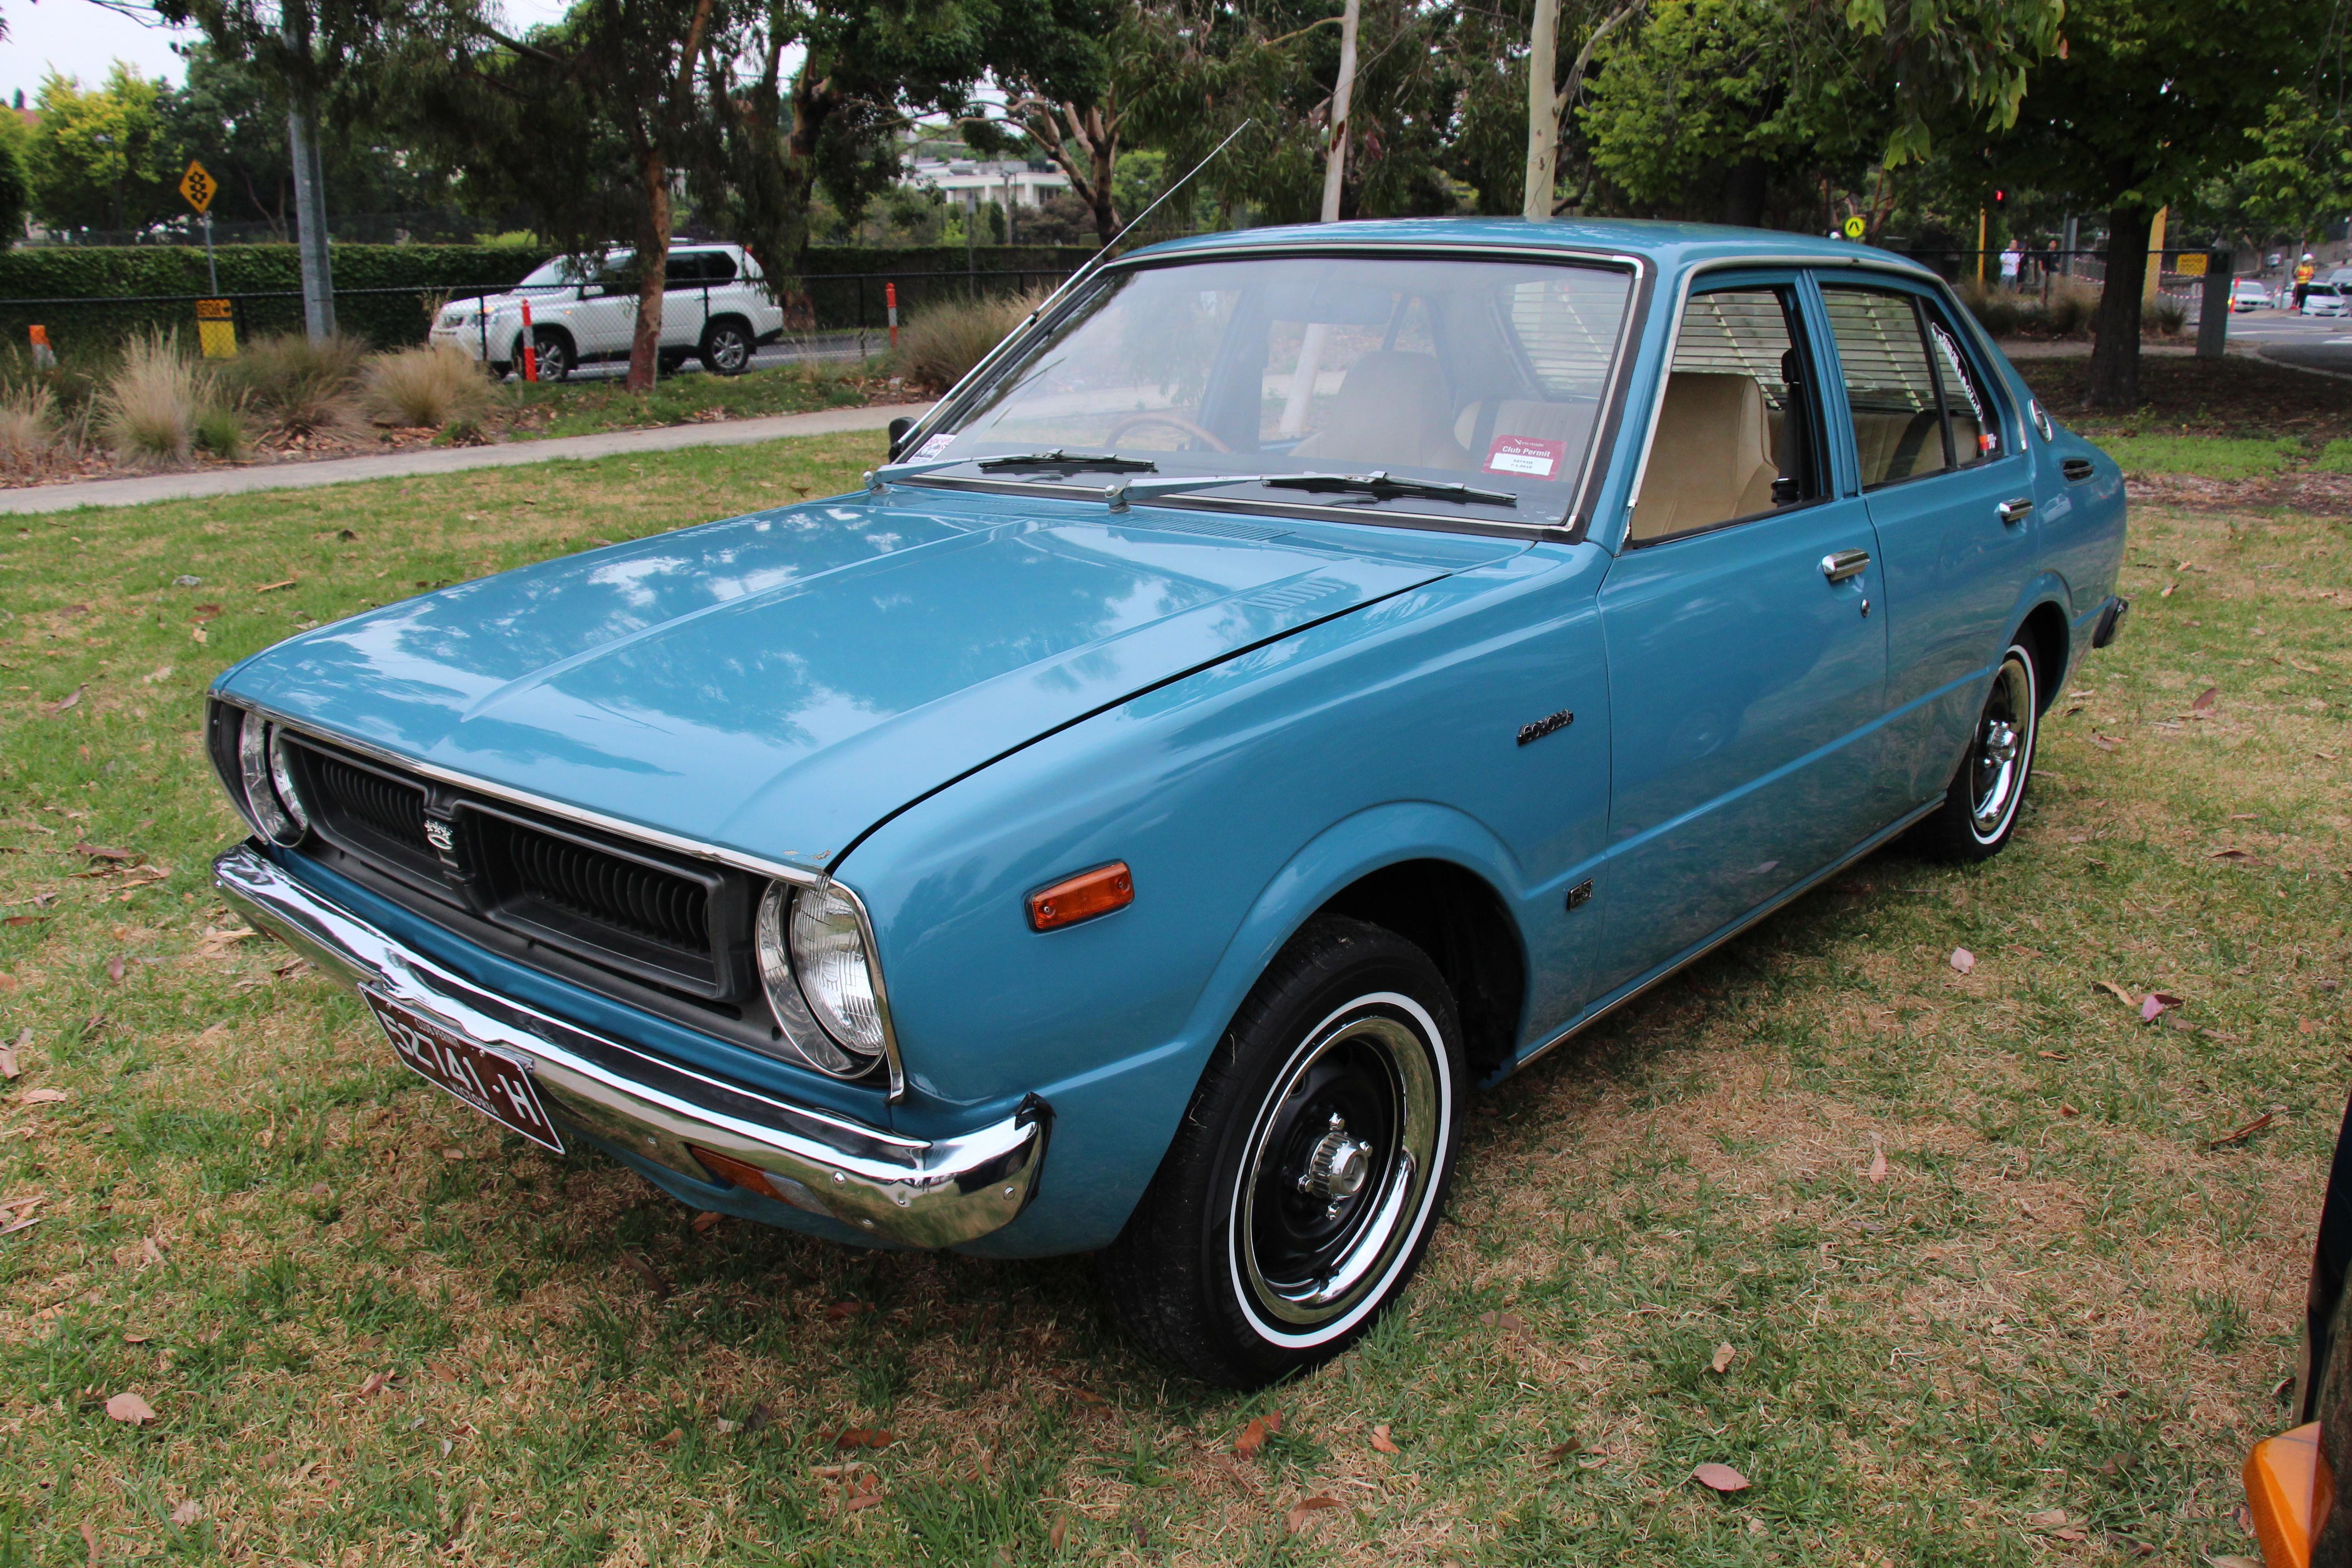 Kelebihan Kekurangan Toyota Corolla 1976 Spesifikasi